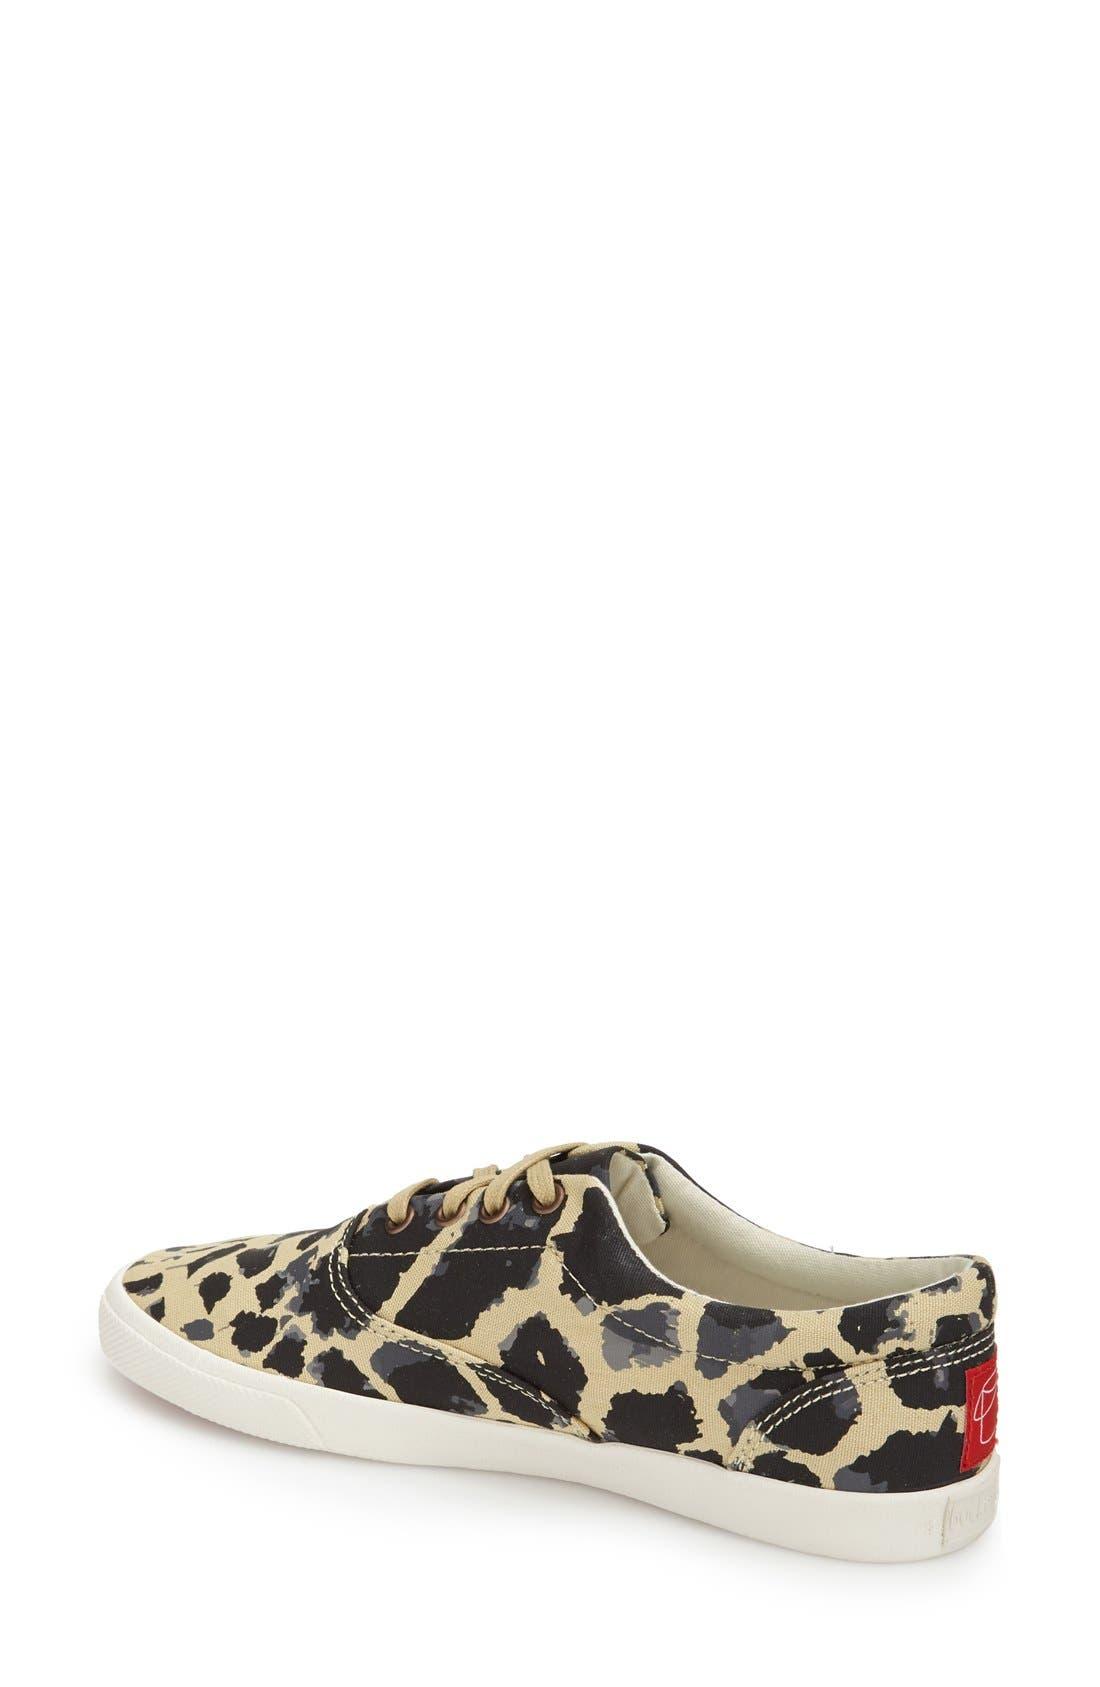 'Giraffe' Sneaker,                             Alternate thumbnail 4, color,                             005